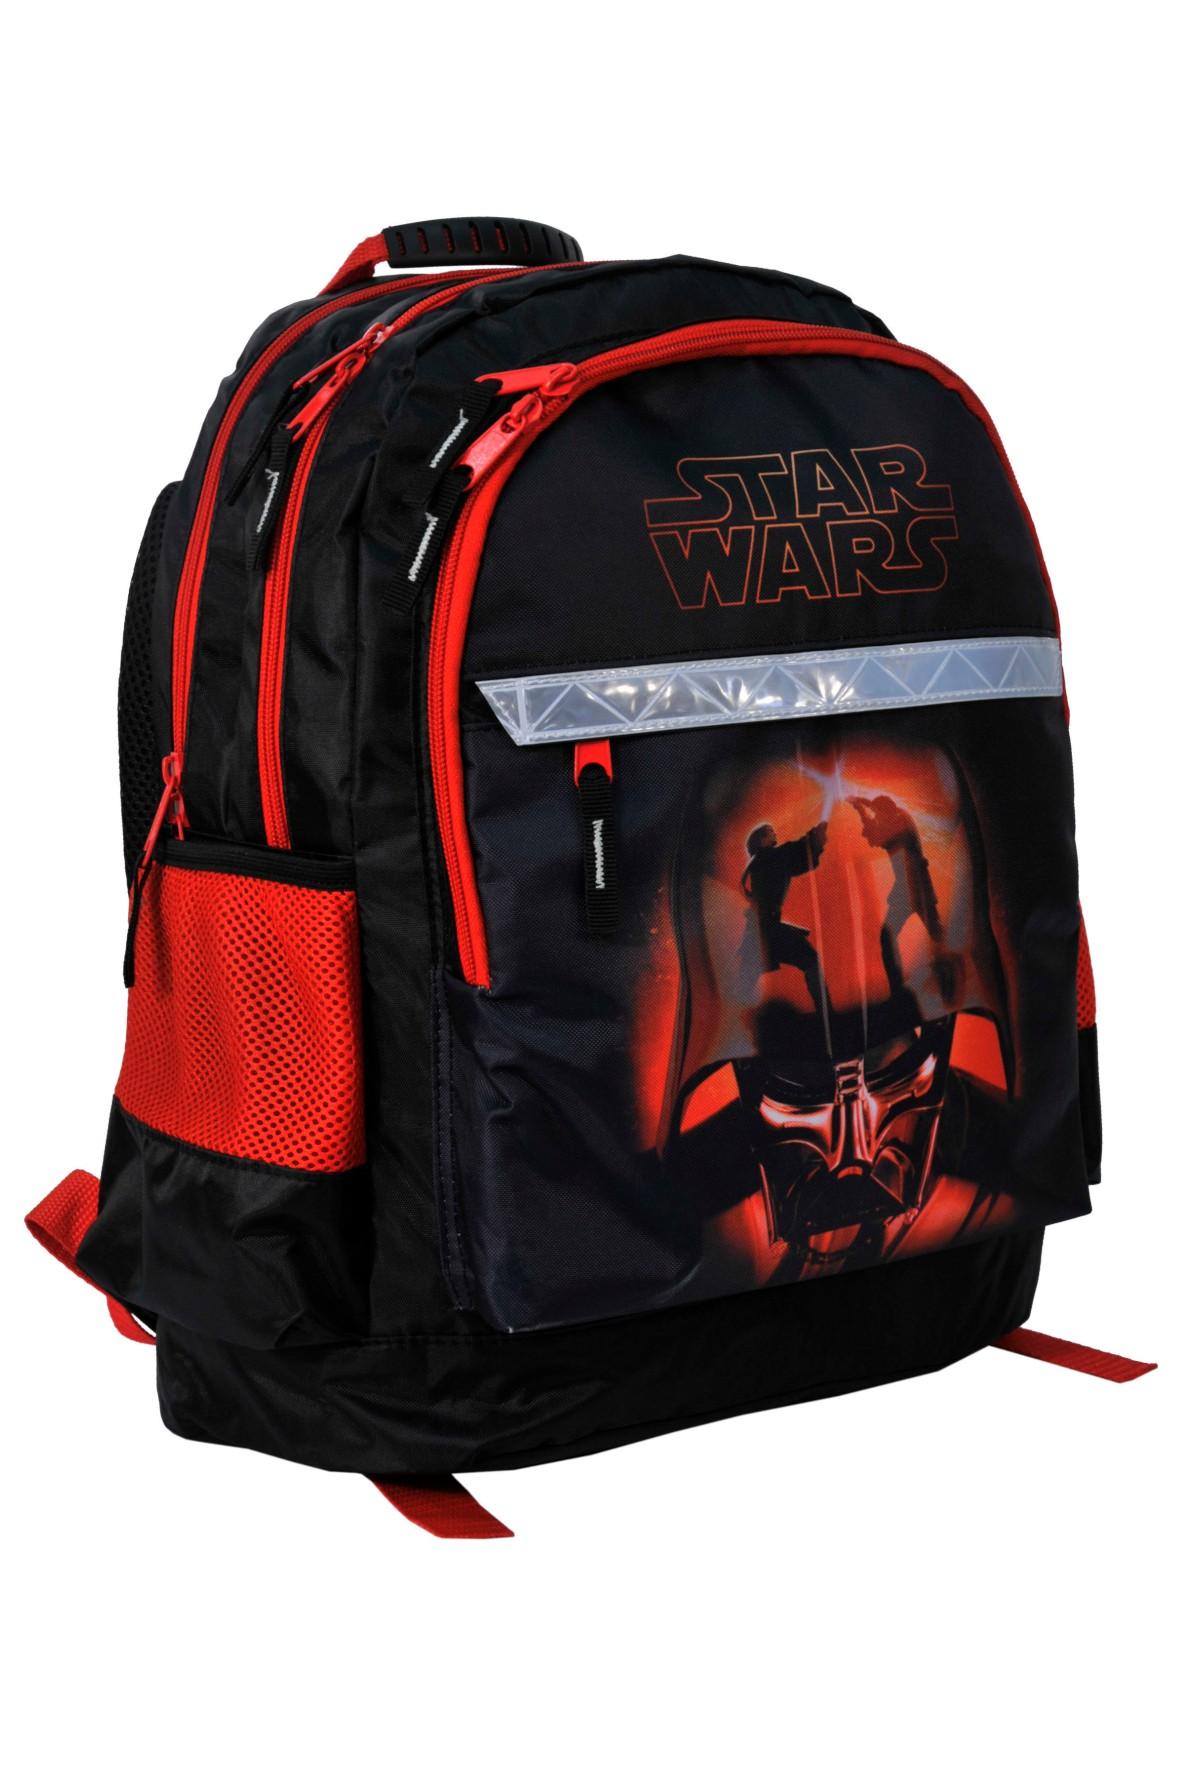 Plecak szkolny Star Wars z elementami odblaskowymi